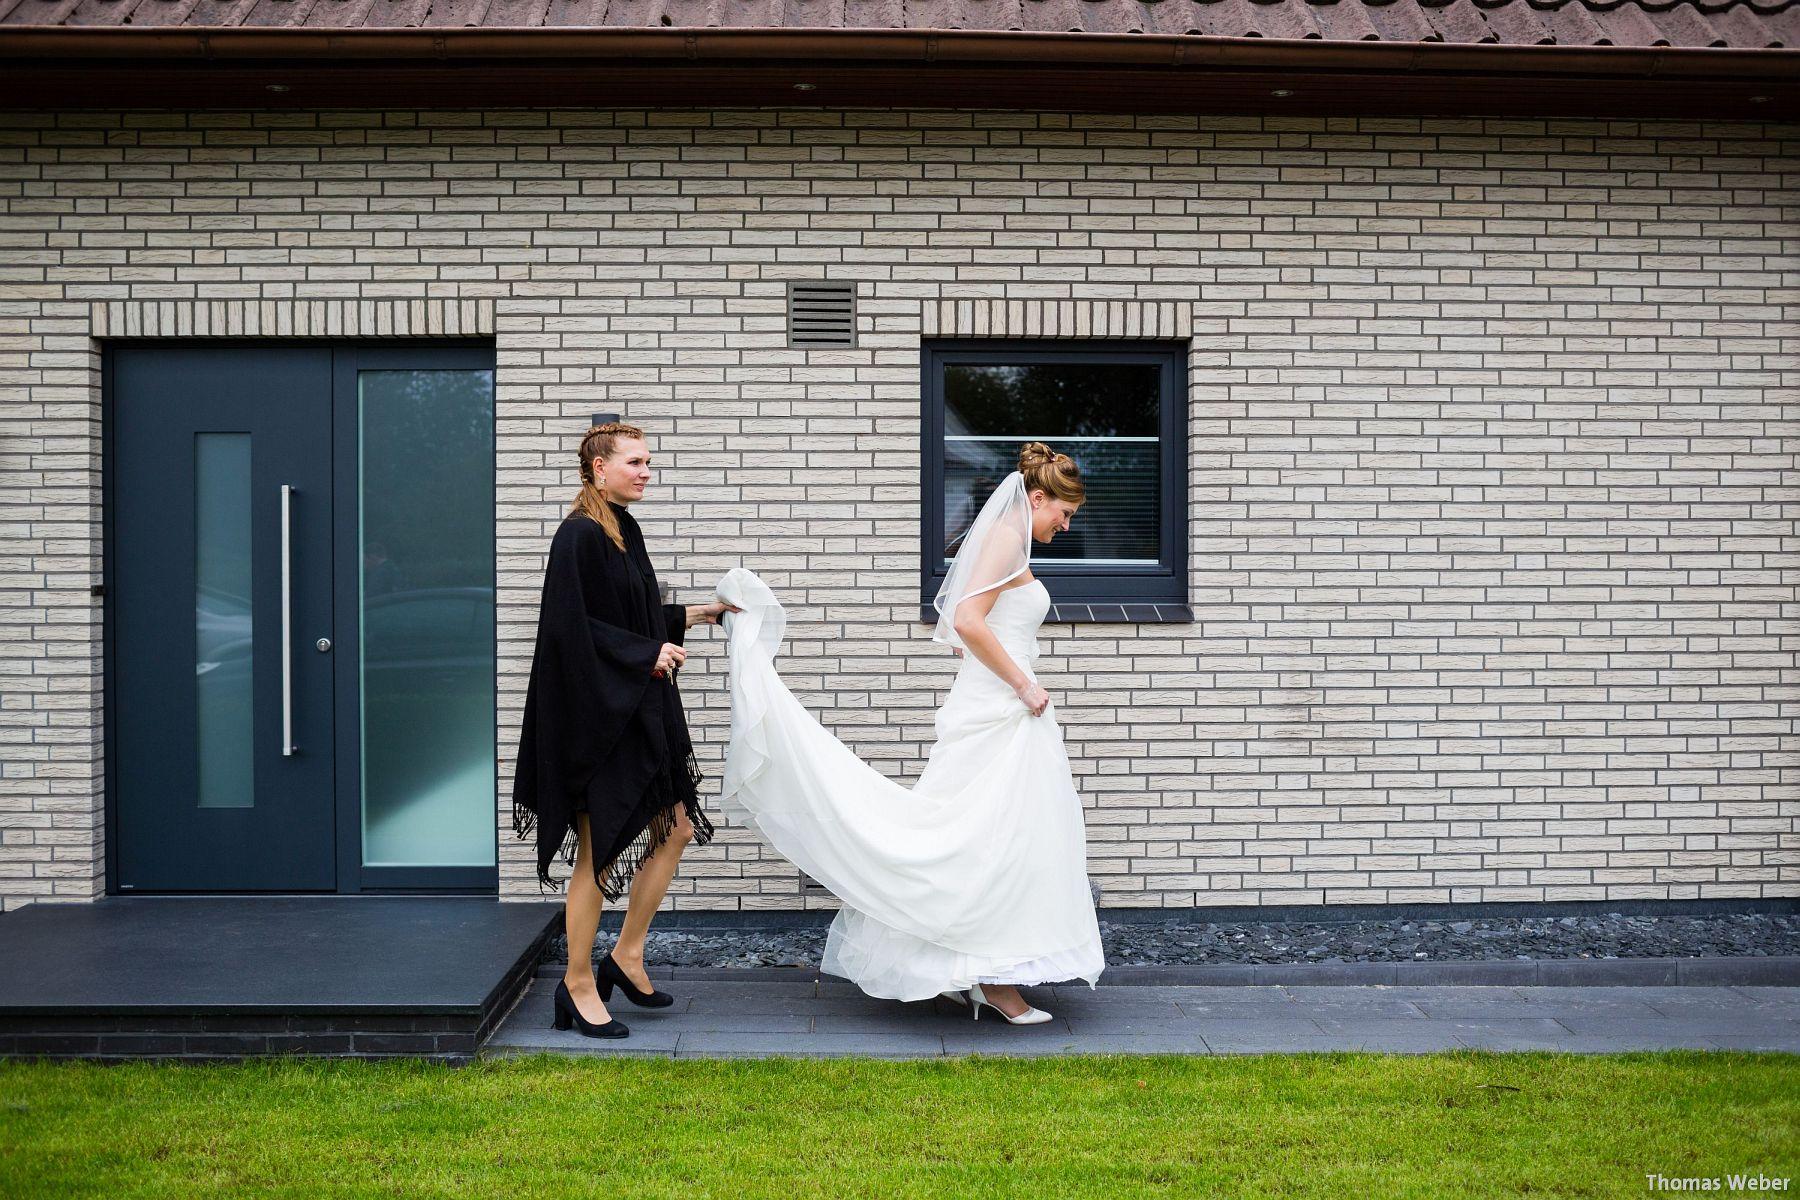 Hochzeitsfotograf Rastede: Kirchliche Trauung in der St. Ulrichs Kirche Rastede und Hochzeitsfeier in der Eventscheune St Georg Rastede mit dem Catering von Split Food (Michael Niebuhr) aus Oldenburg (13)